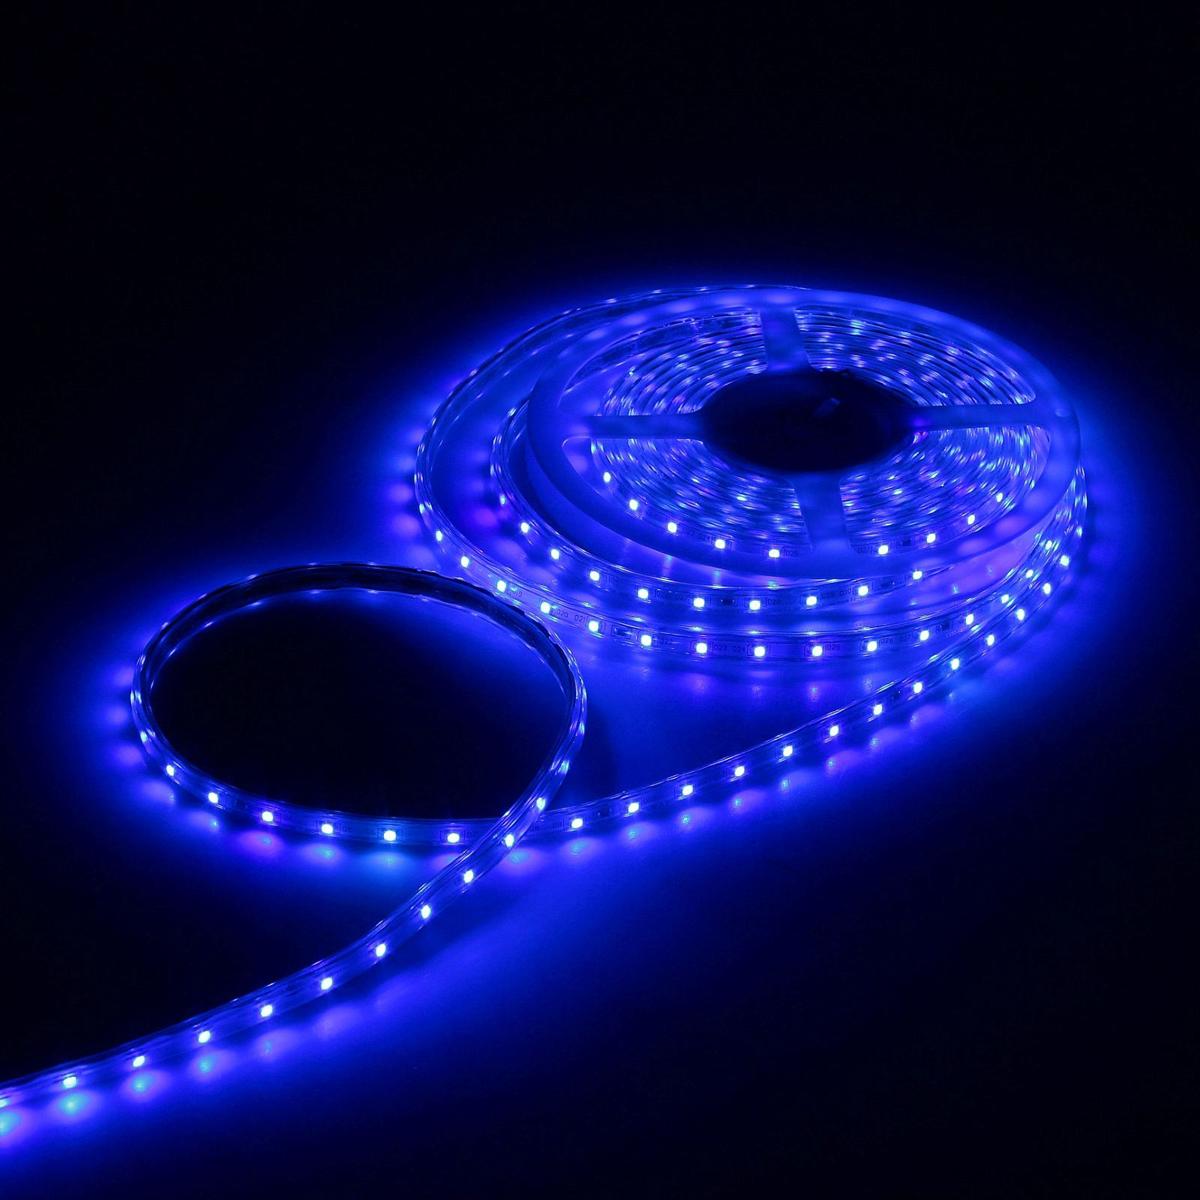 Светодиодная лента Luazon, 220В, SMD3528, длина 5 м, IP65, 60 LED ламп, 3.3 Вт/м, 6-7 Лм/1 LED, AC, цвет: синий883965Светодиодные гирлянды, ленты и т.д — это отличный вариант для новогоднего оформления интерьера или фасада. С их помощью помещение любого размера можно превратить в праздничный зал, а внешние элементы зданий, украшенные ими, мгновенно станут напоминать очертания сказочного дворца. Такие украшения создают ауру предвкушения чуда. Деревья, фасады, витрины, окна и арки будто специально созданы, чтобы вы украсили их светящимися нитями.